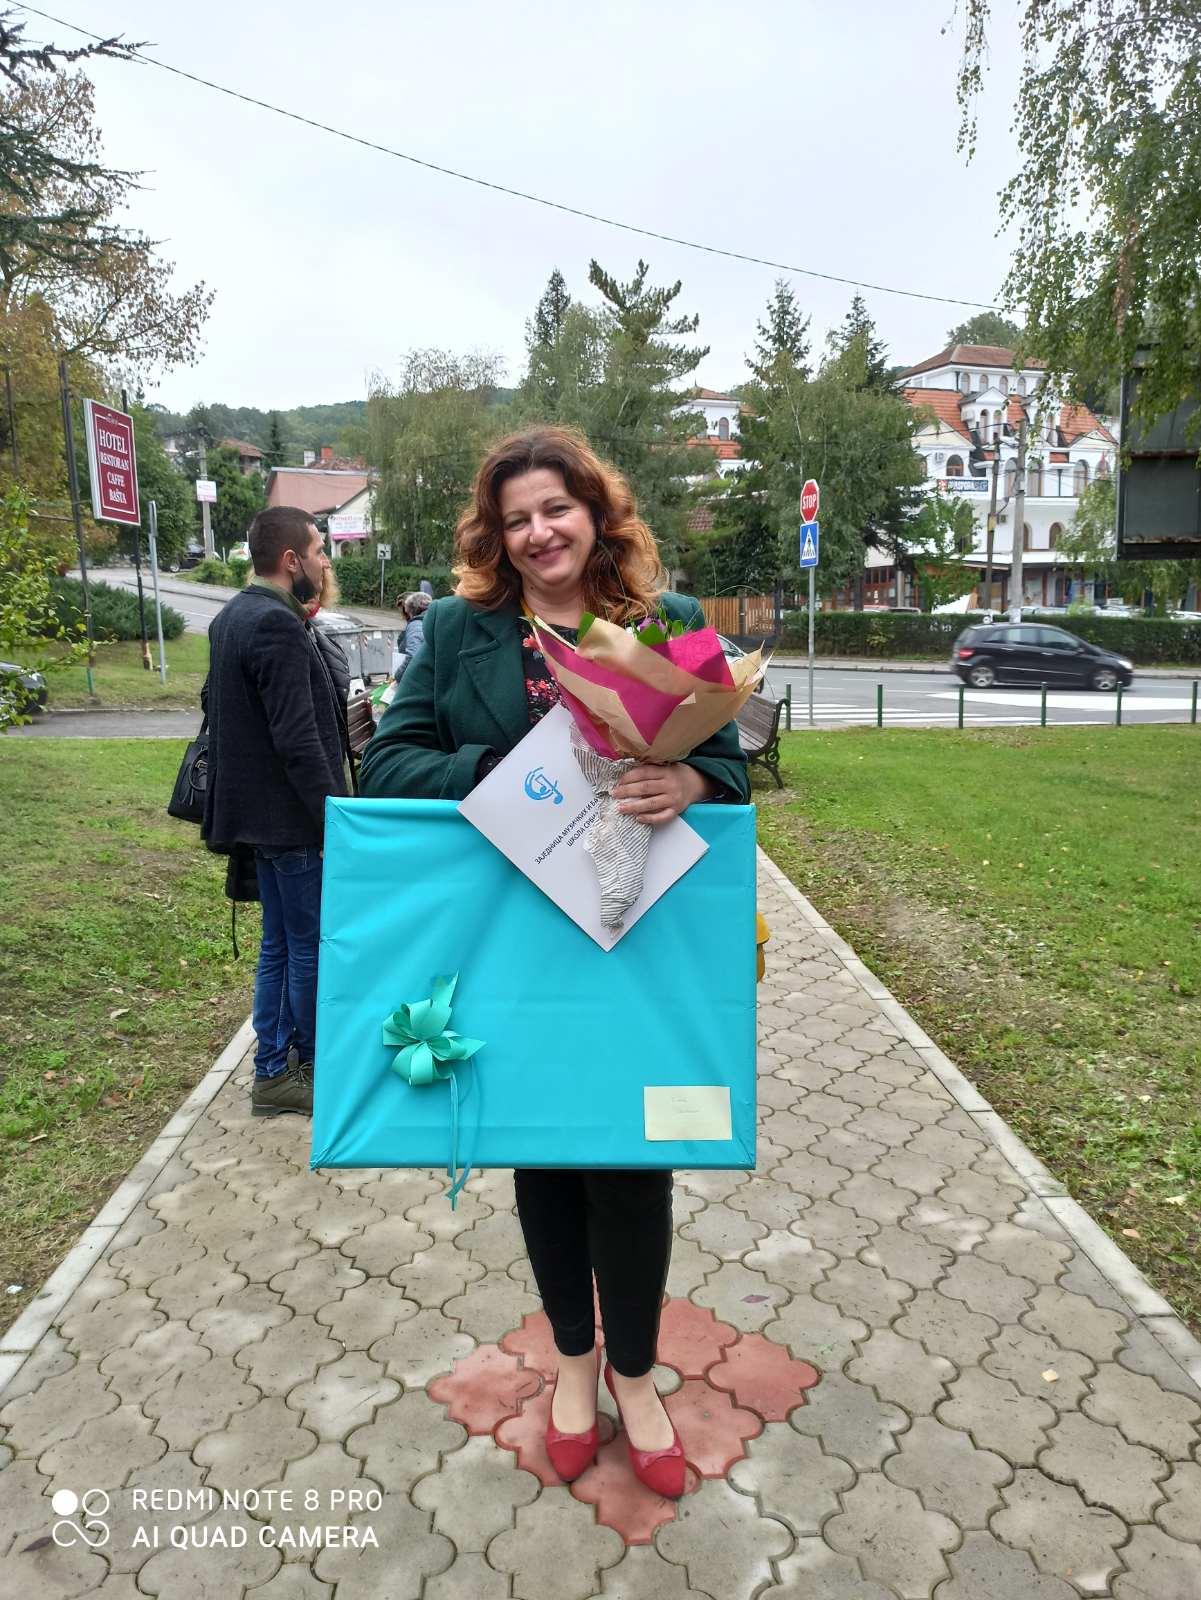 Годишња награда додељена Ани Алексић Шајрер